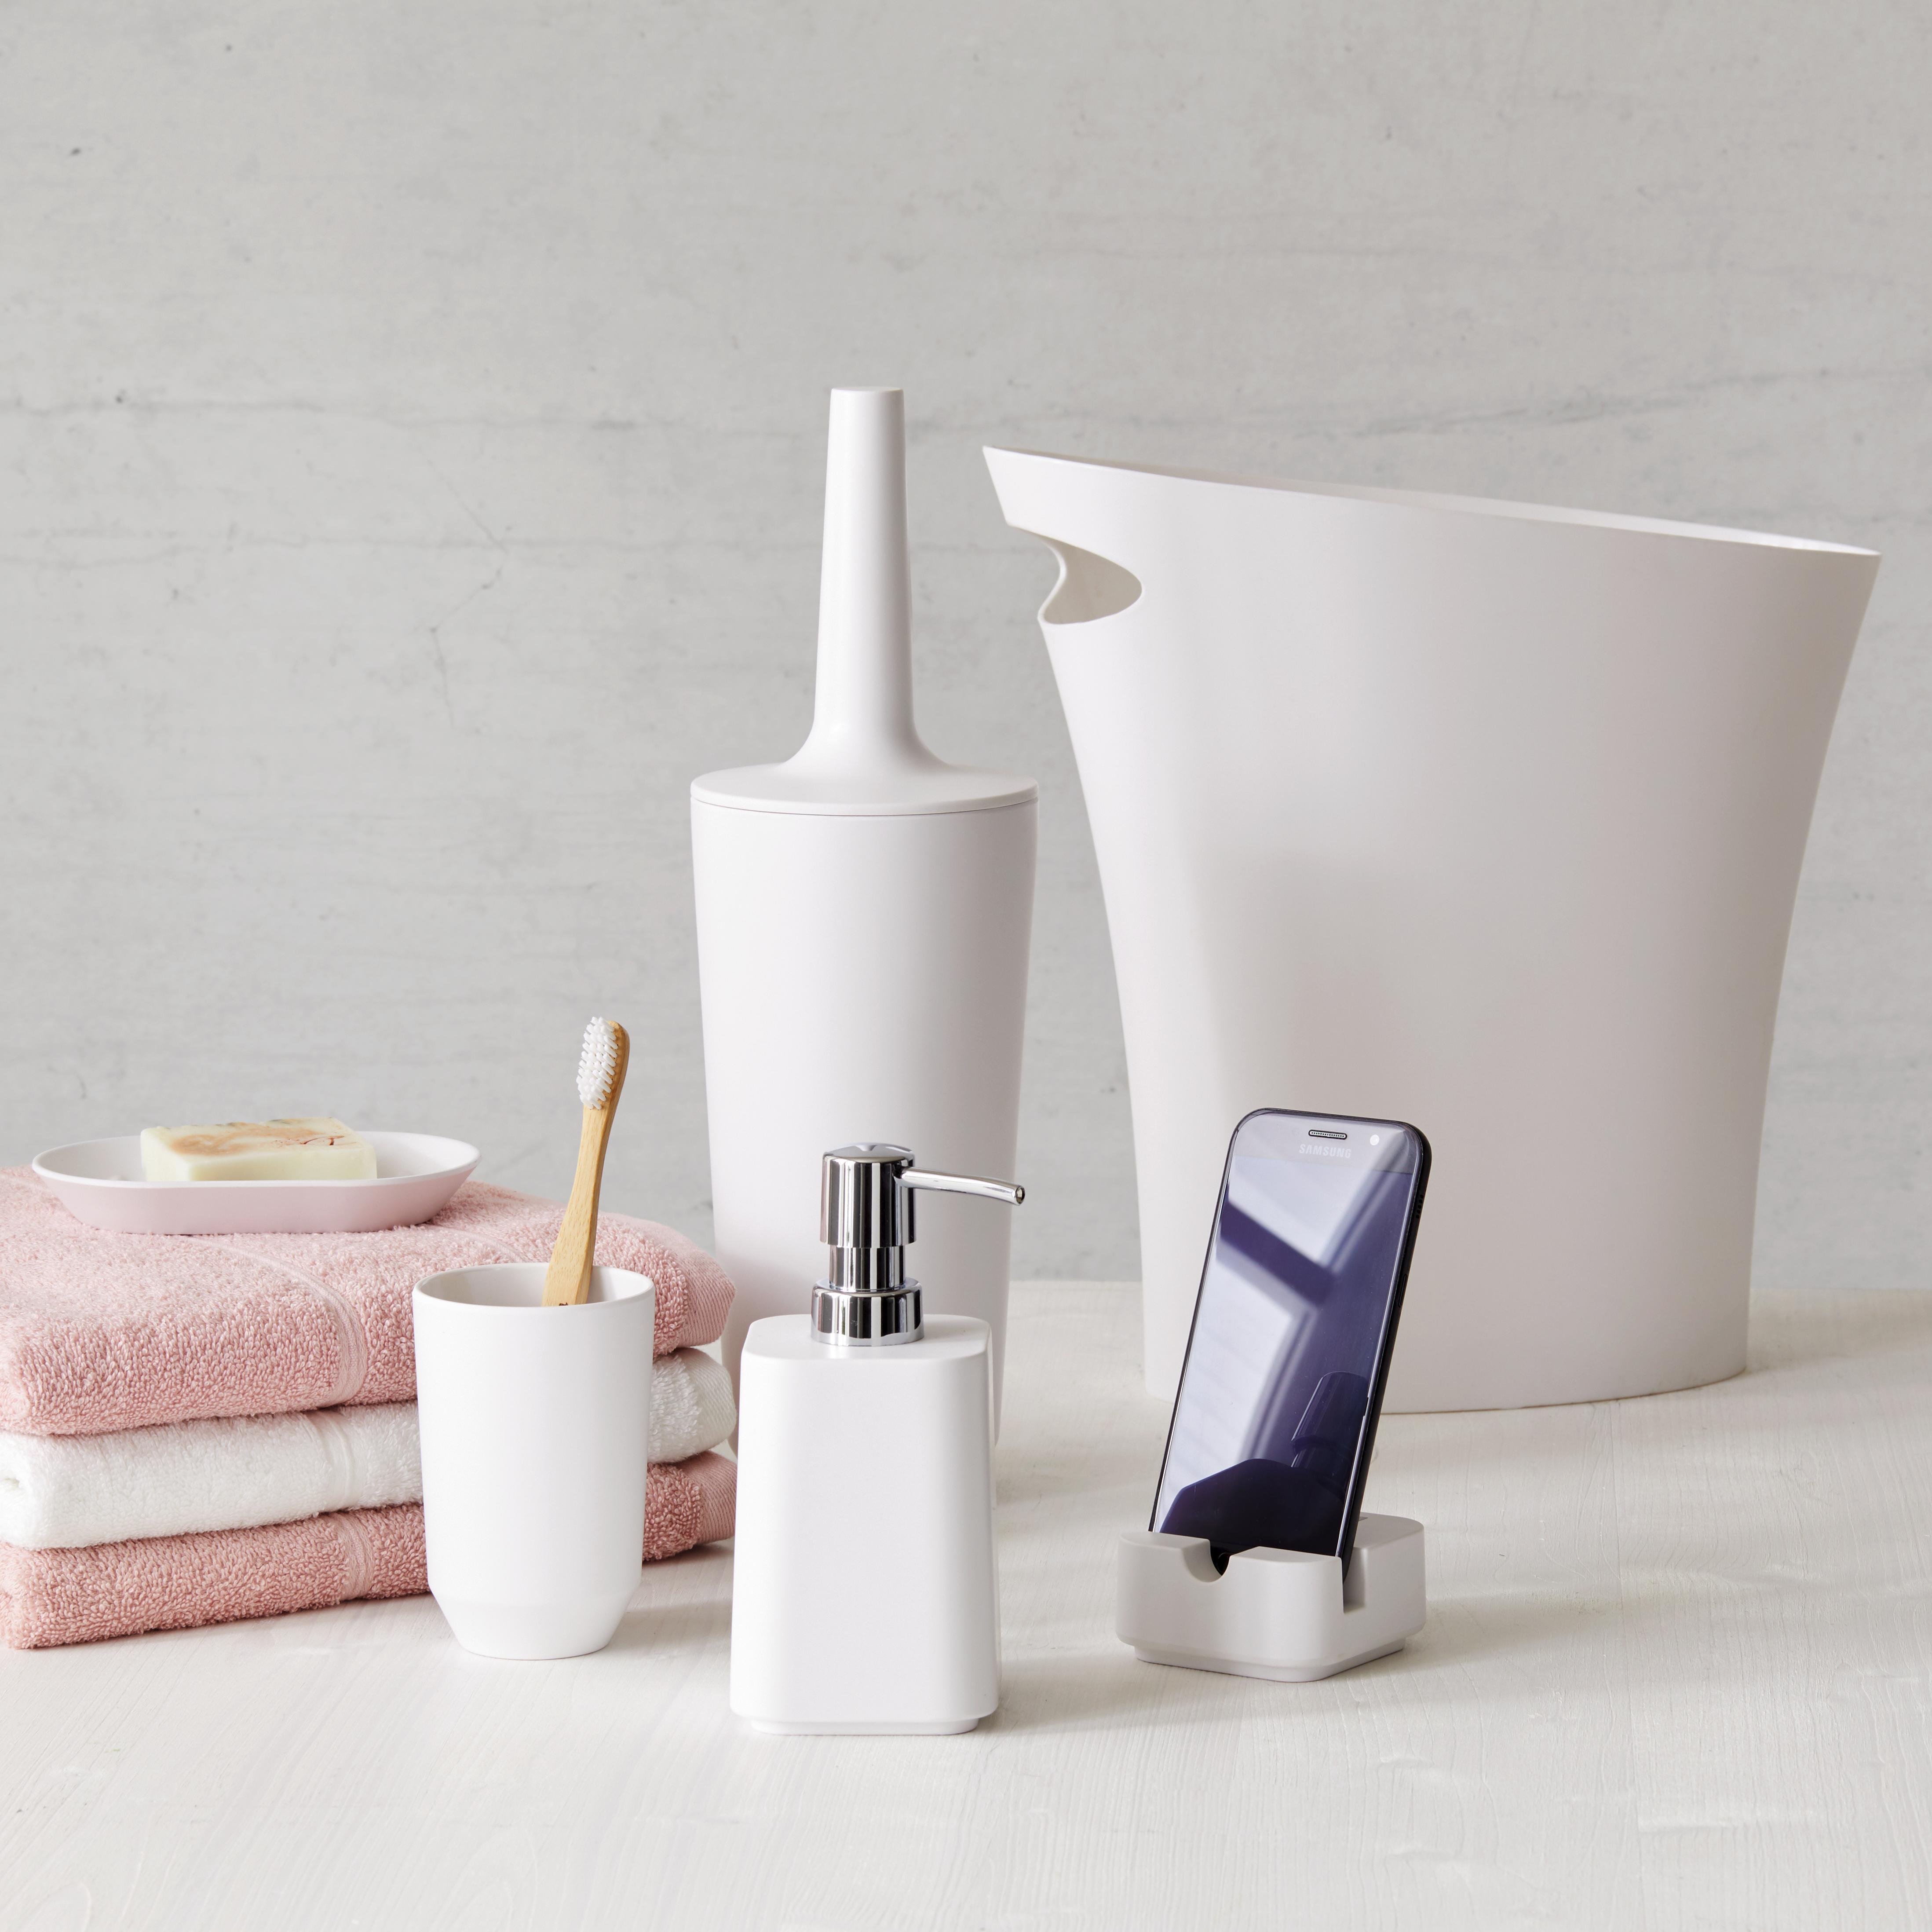 WC Bürste weiß Bürstengarnitur Garnitur Klobürste Weiß Beige Braun Keramik